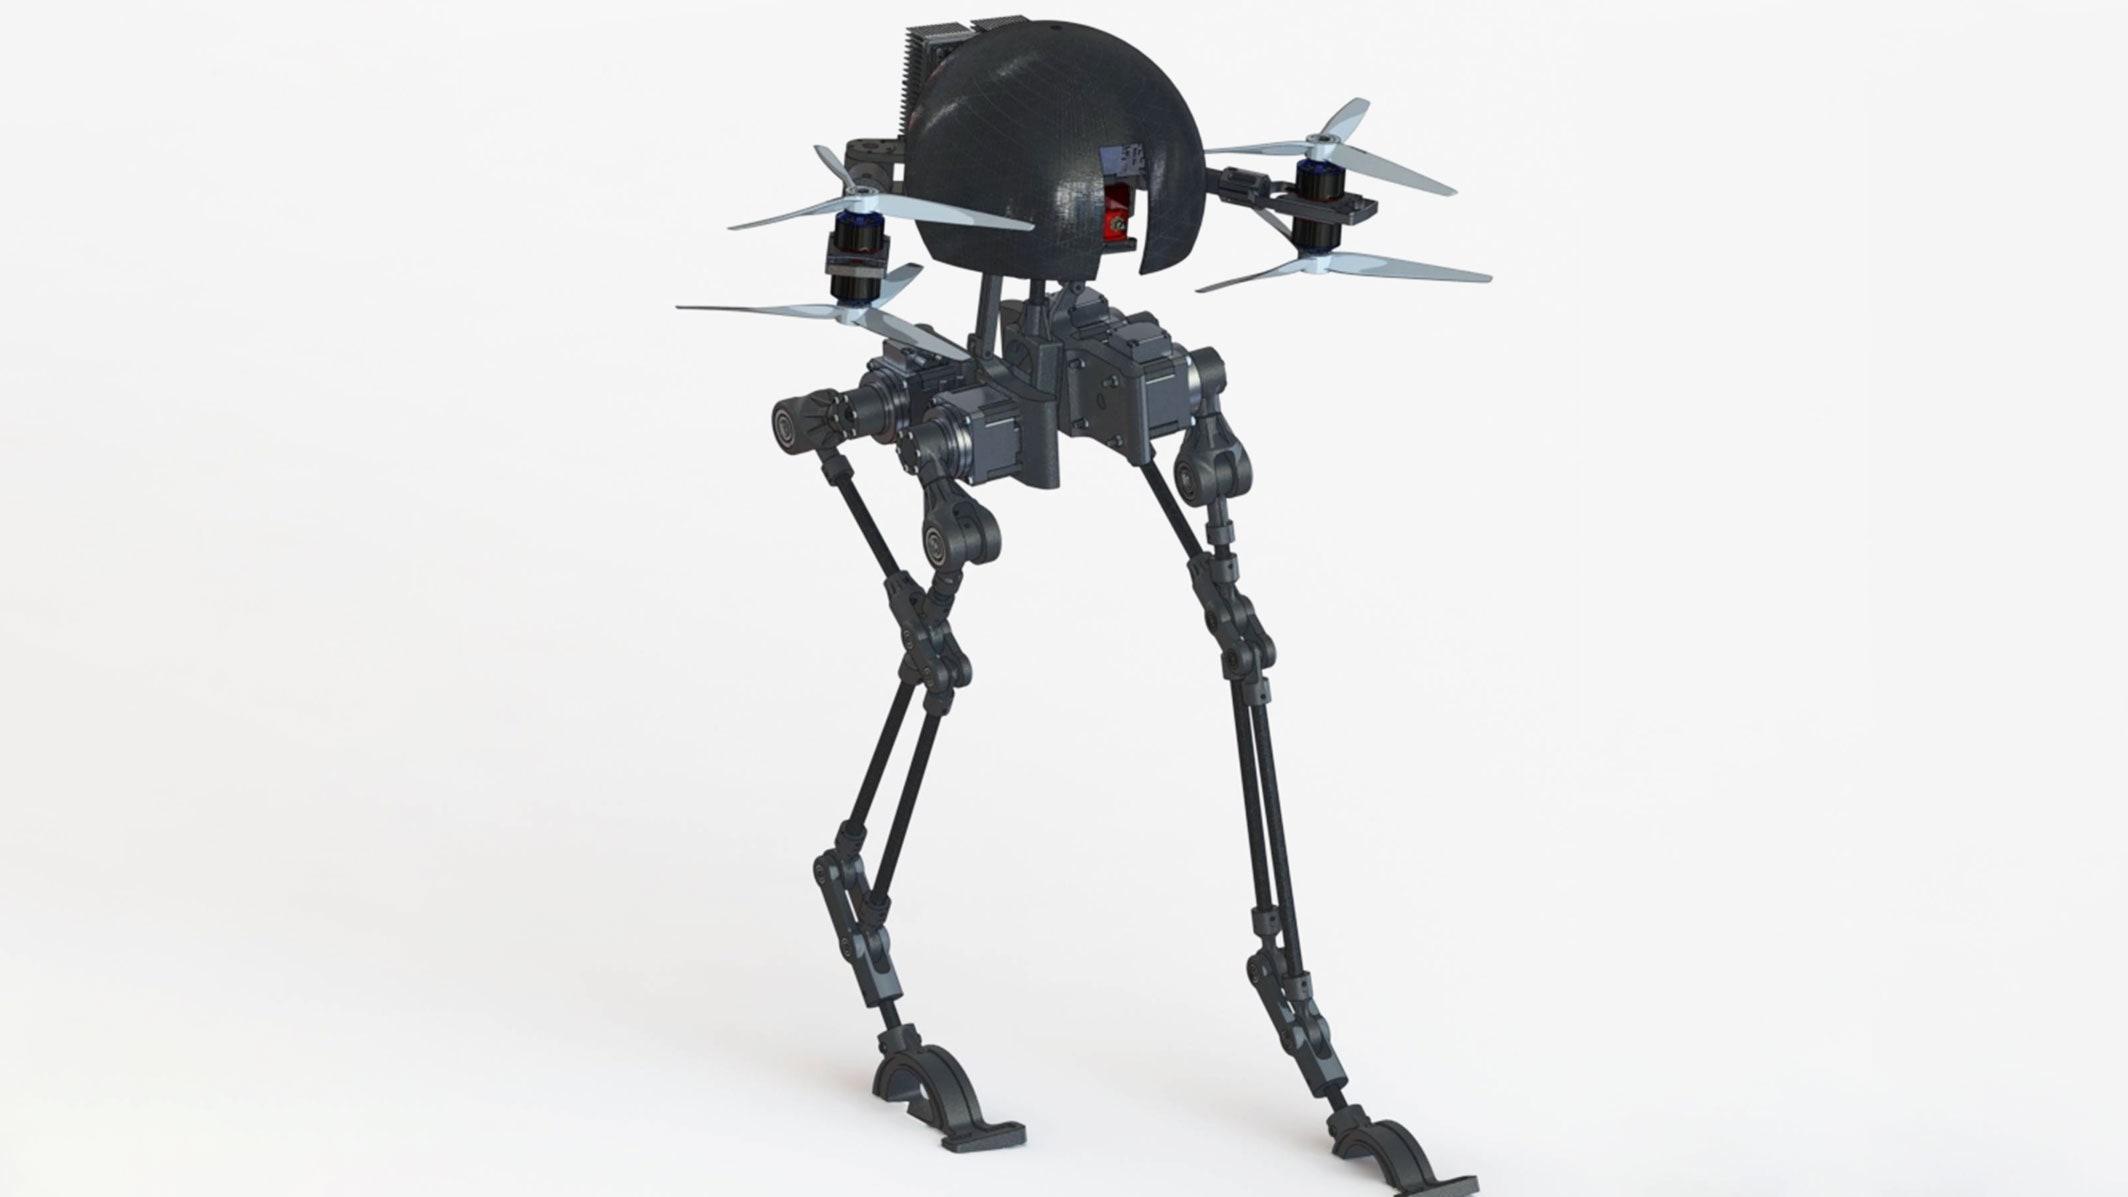 Wat Krijg Je Als Je Een Looprobot Met Een Drone Kruist? Het Resultaat Is Leo, Kort Voor Leonardo, Wat Weer Staat Voor Legs Onboard. Robotdrone Leo Kan Niet Alleen Vliegen, Maar Ook Lopen, Skateboarden En Zelfs Koorddansen. De Bedenkers Hebben Als Doel Om Een Meervoudig Inzetbare Robotdrone Te Creëren Die Voor Allerlei Taken Ingezet Kan Worden, Zoals Het Vervoeren Van Goederen Naar Moeilijk Te Bereiken Locaties.